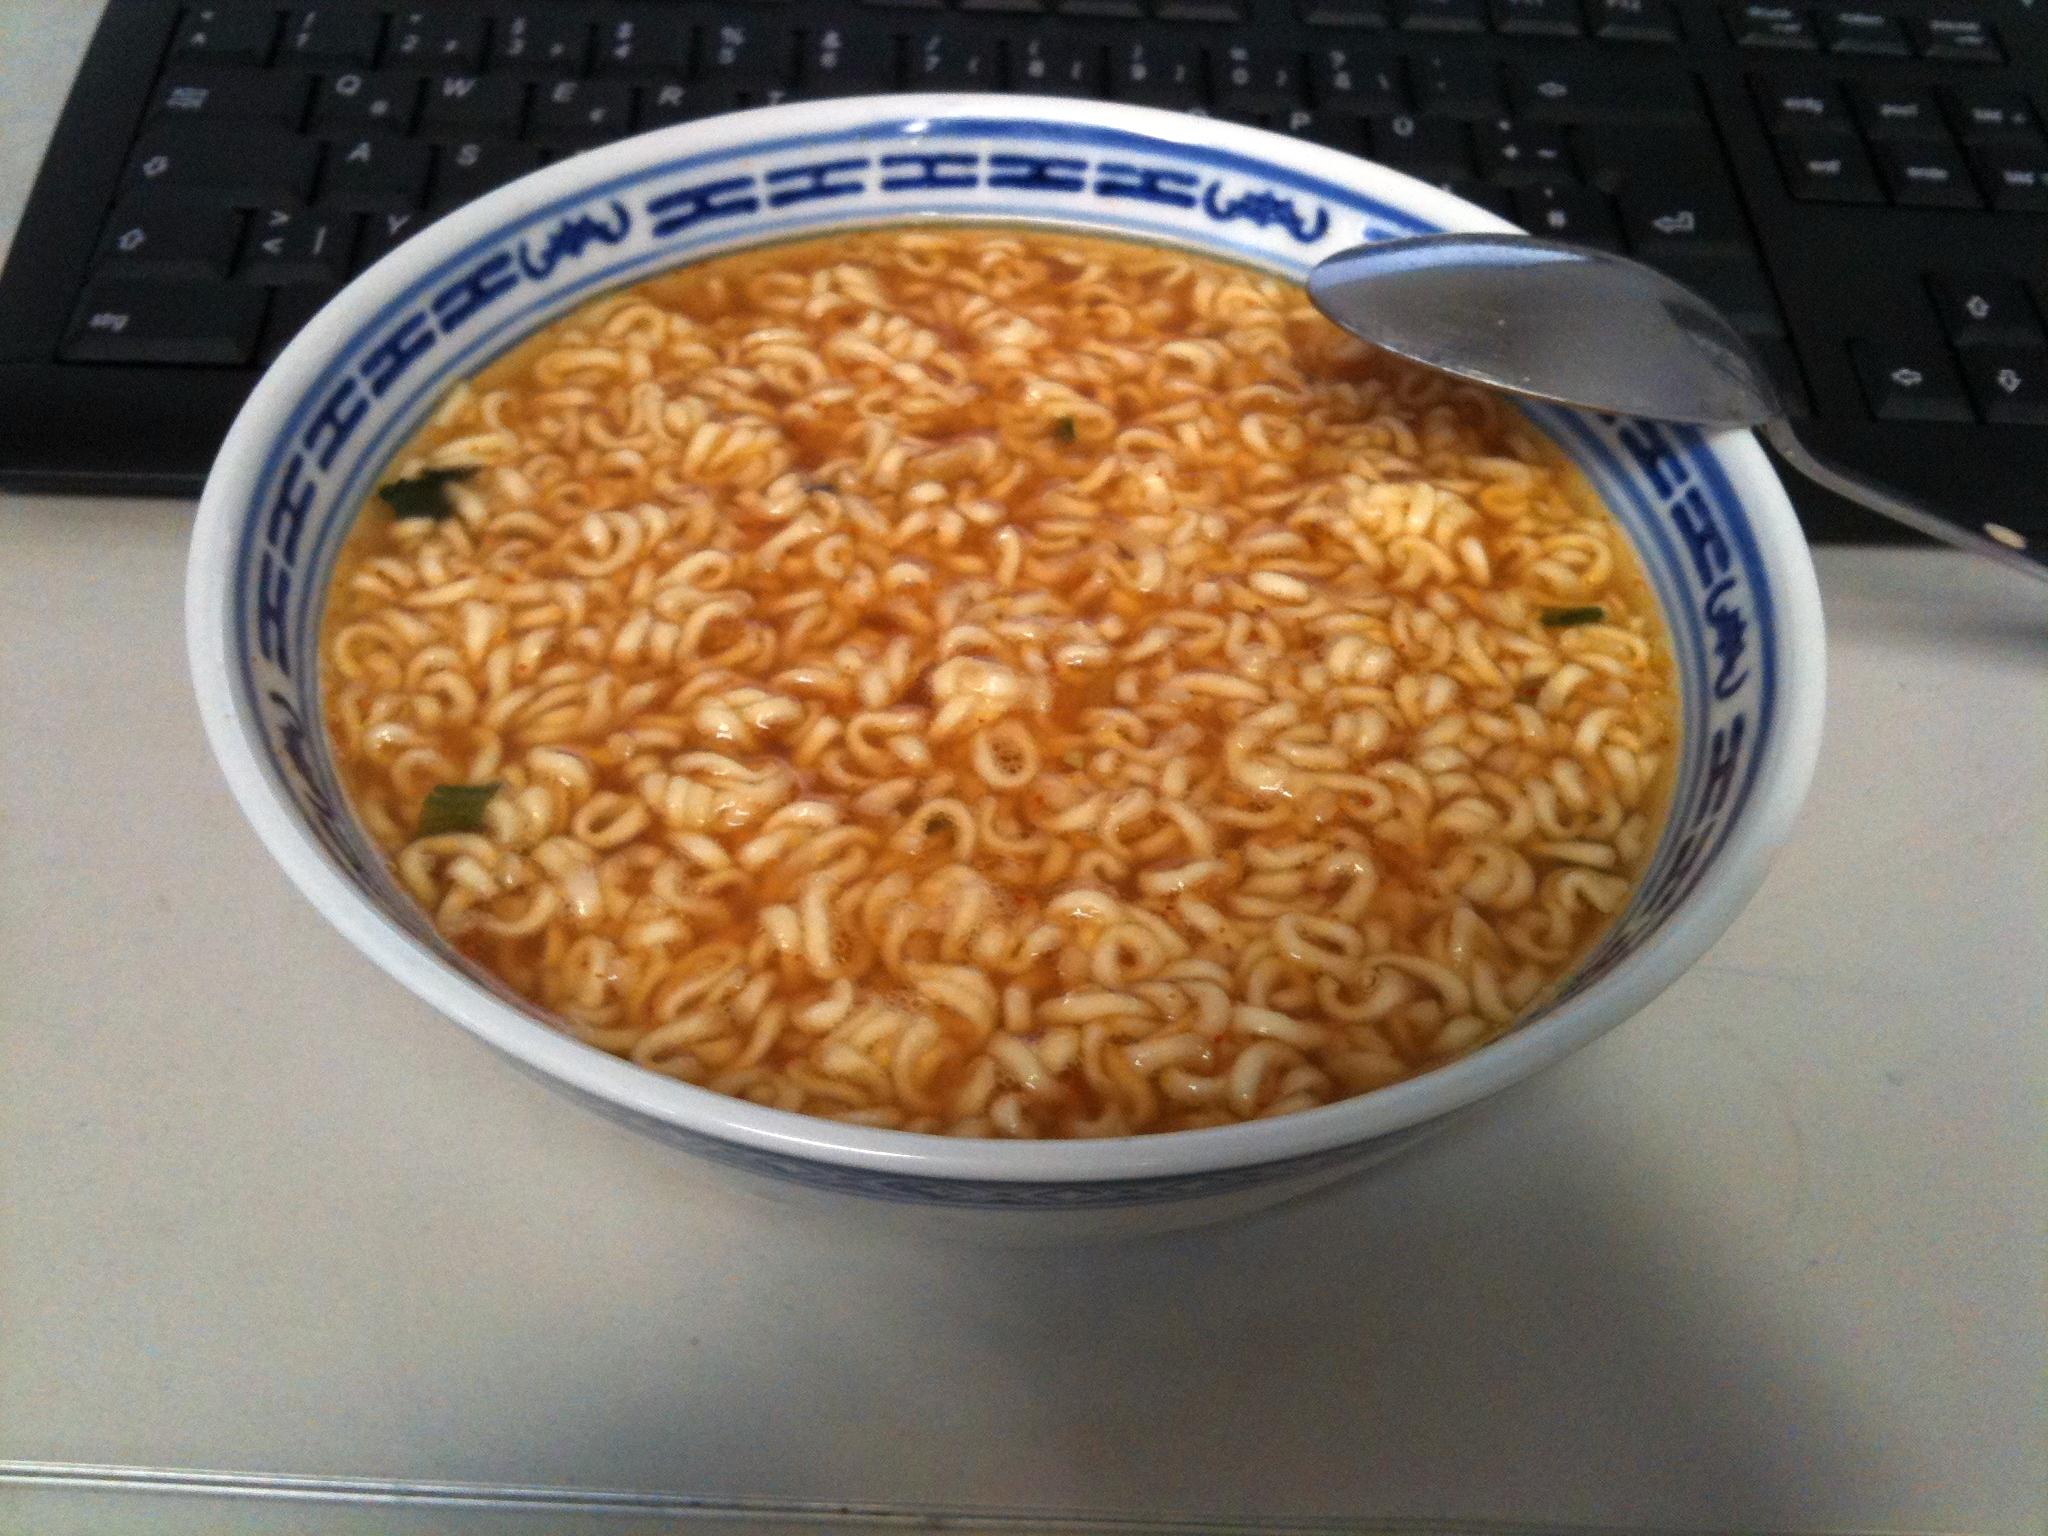 http://foodloader.net/nico_2012-01-11_instant-nudelsuppe.jpg